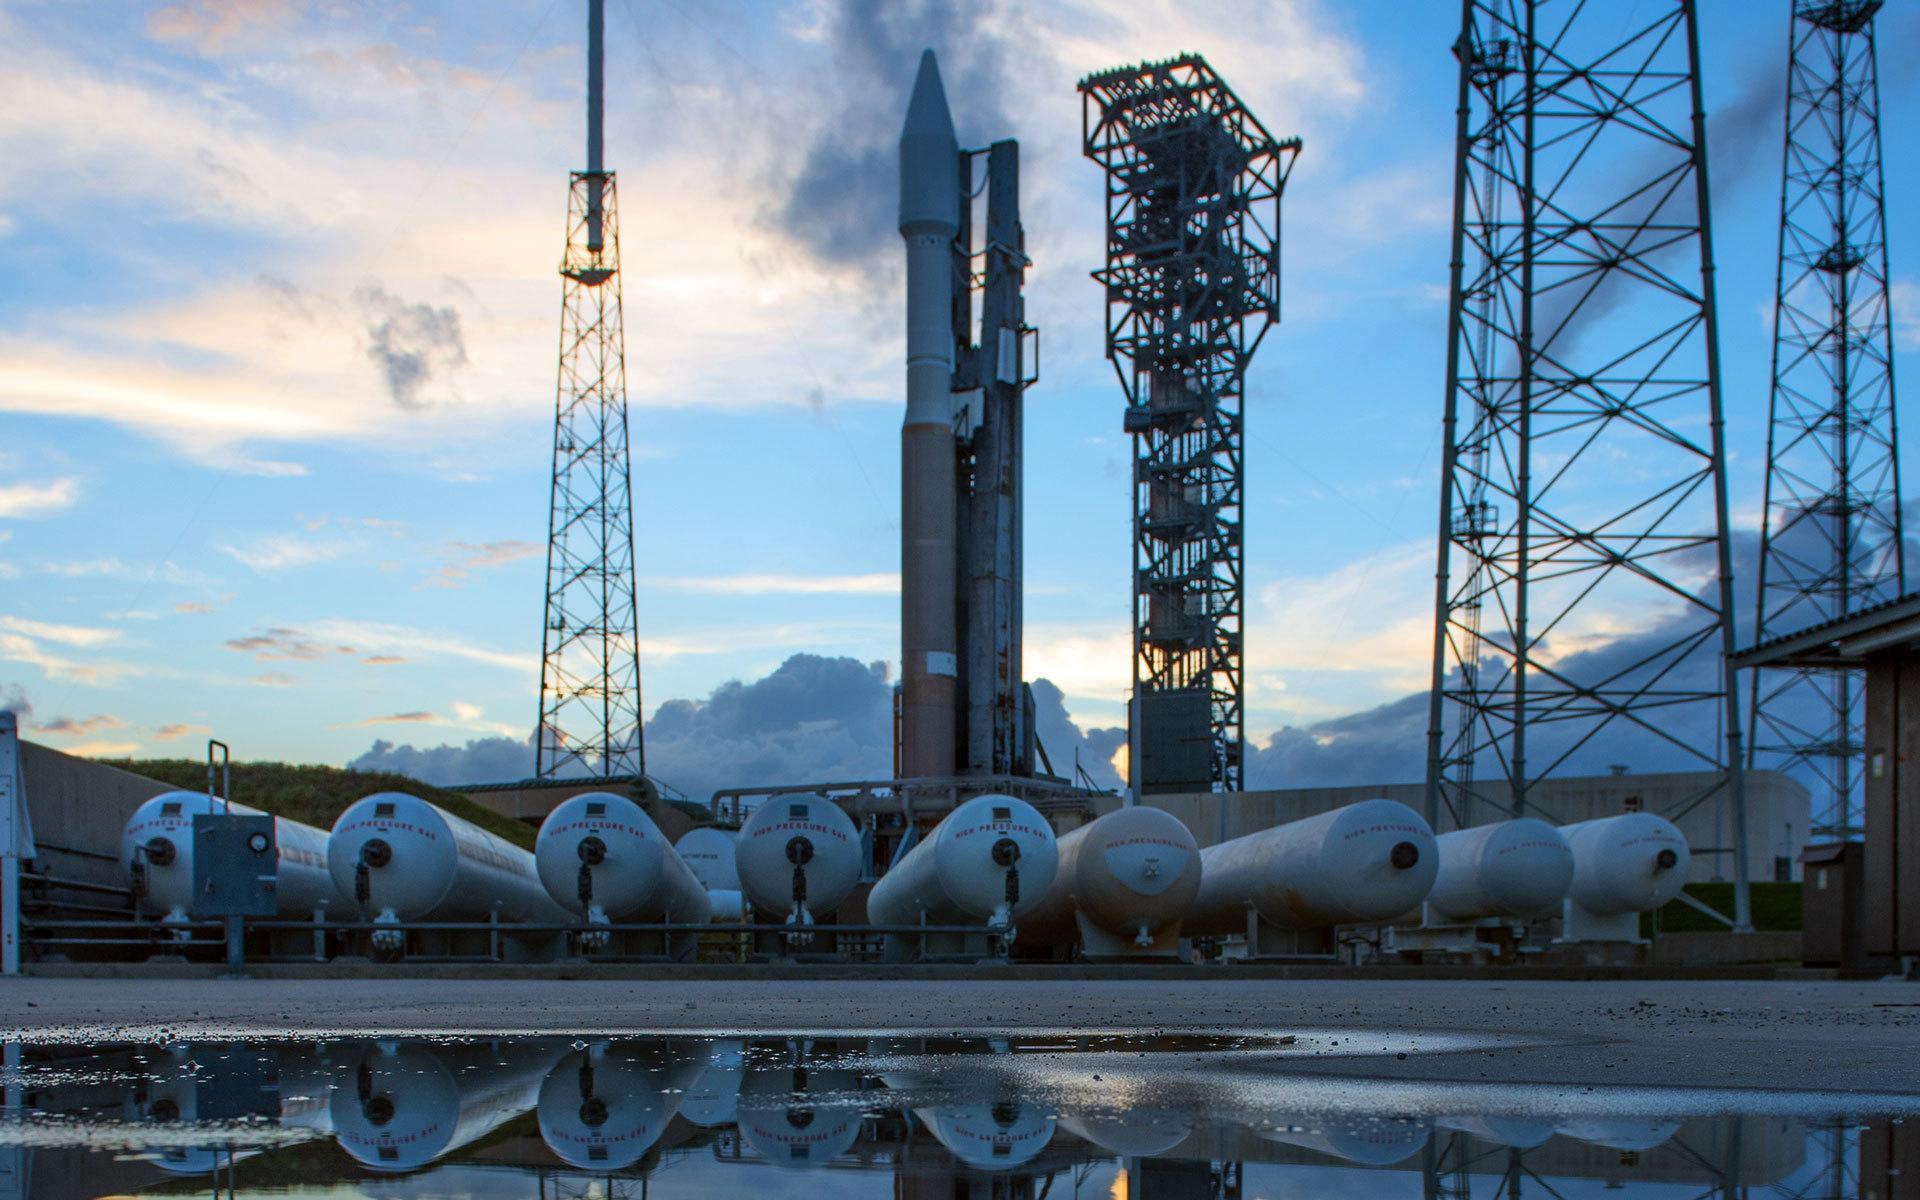 [Старт отложен] Запуск космического грузовика Cygnus Orb-4 к МКС намечен на 01:55 - 4